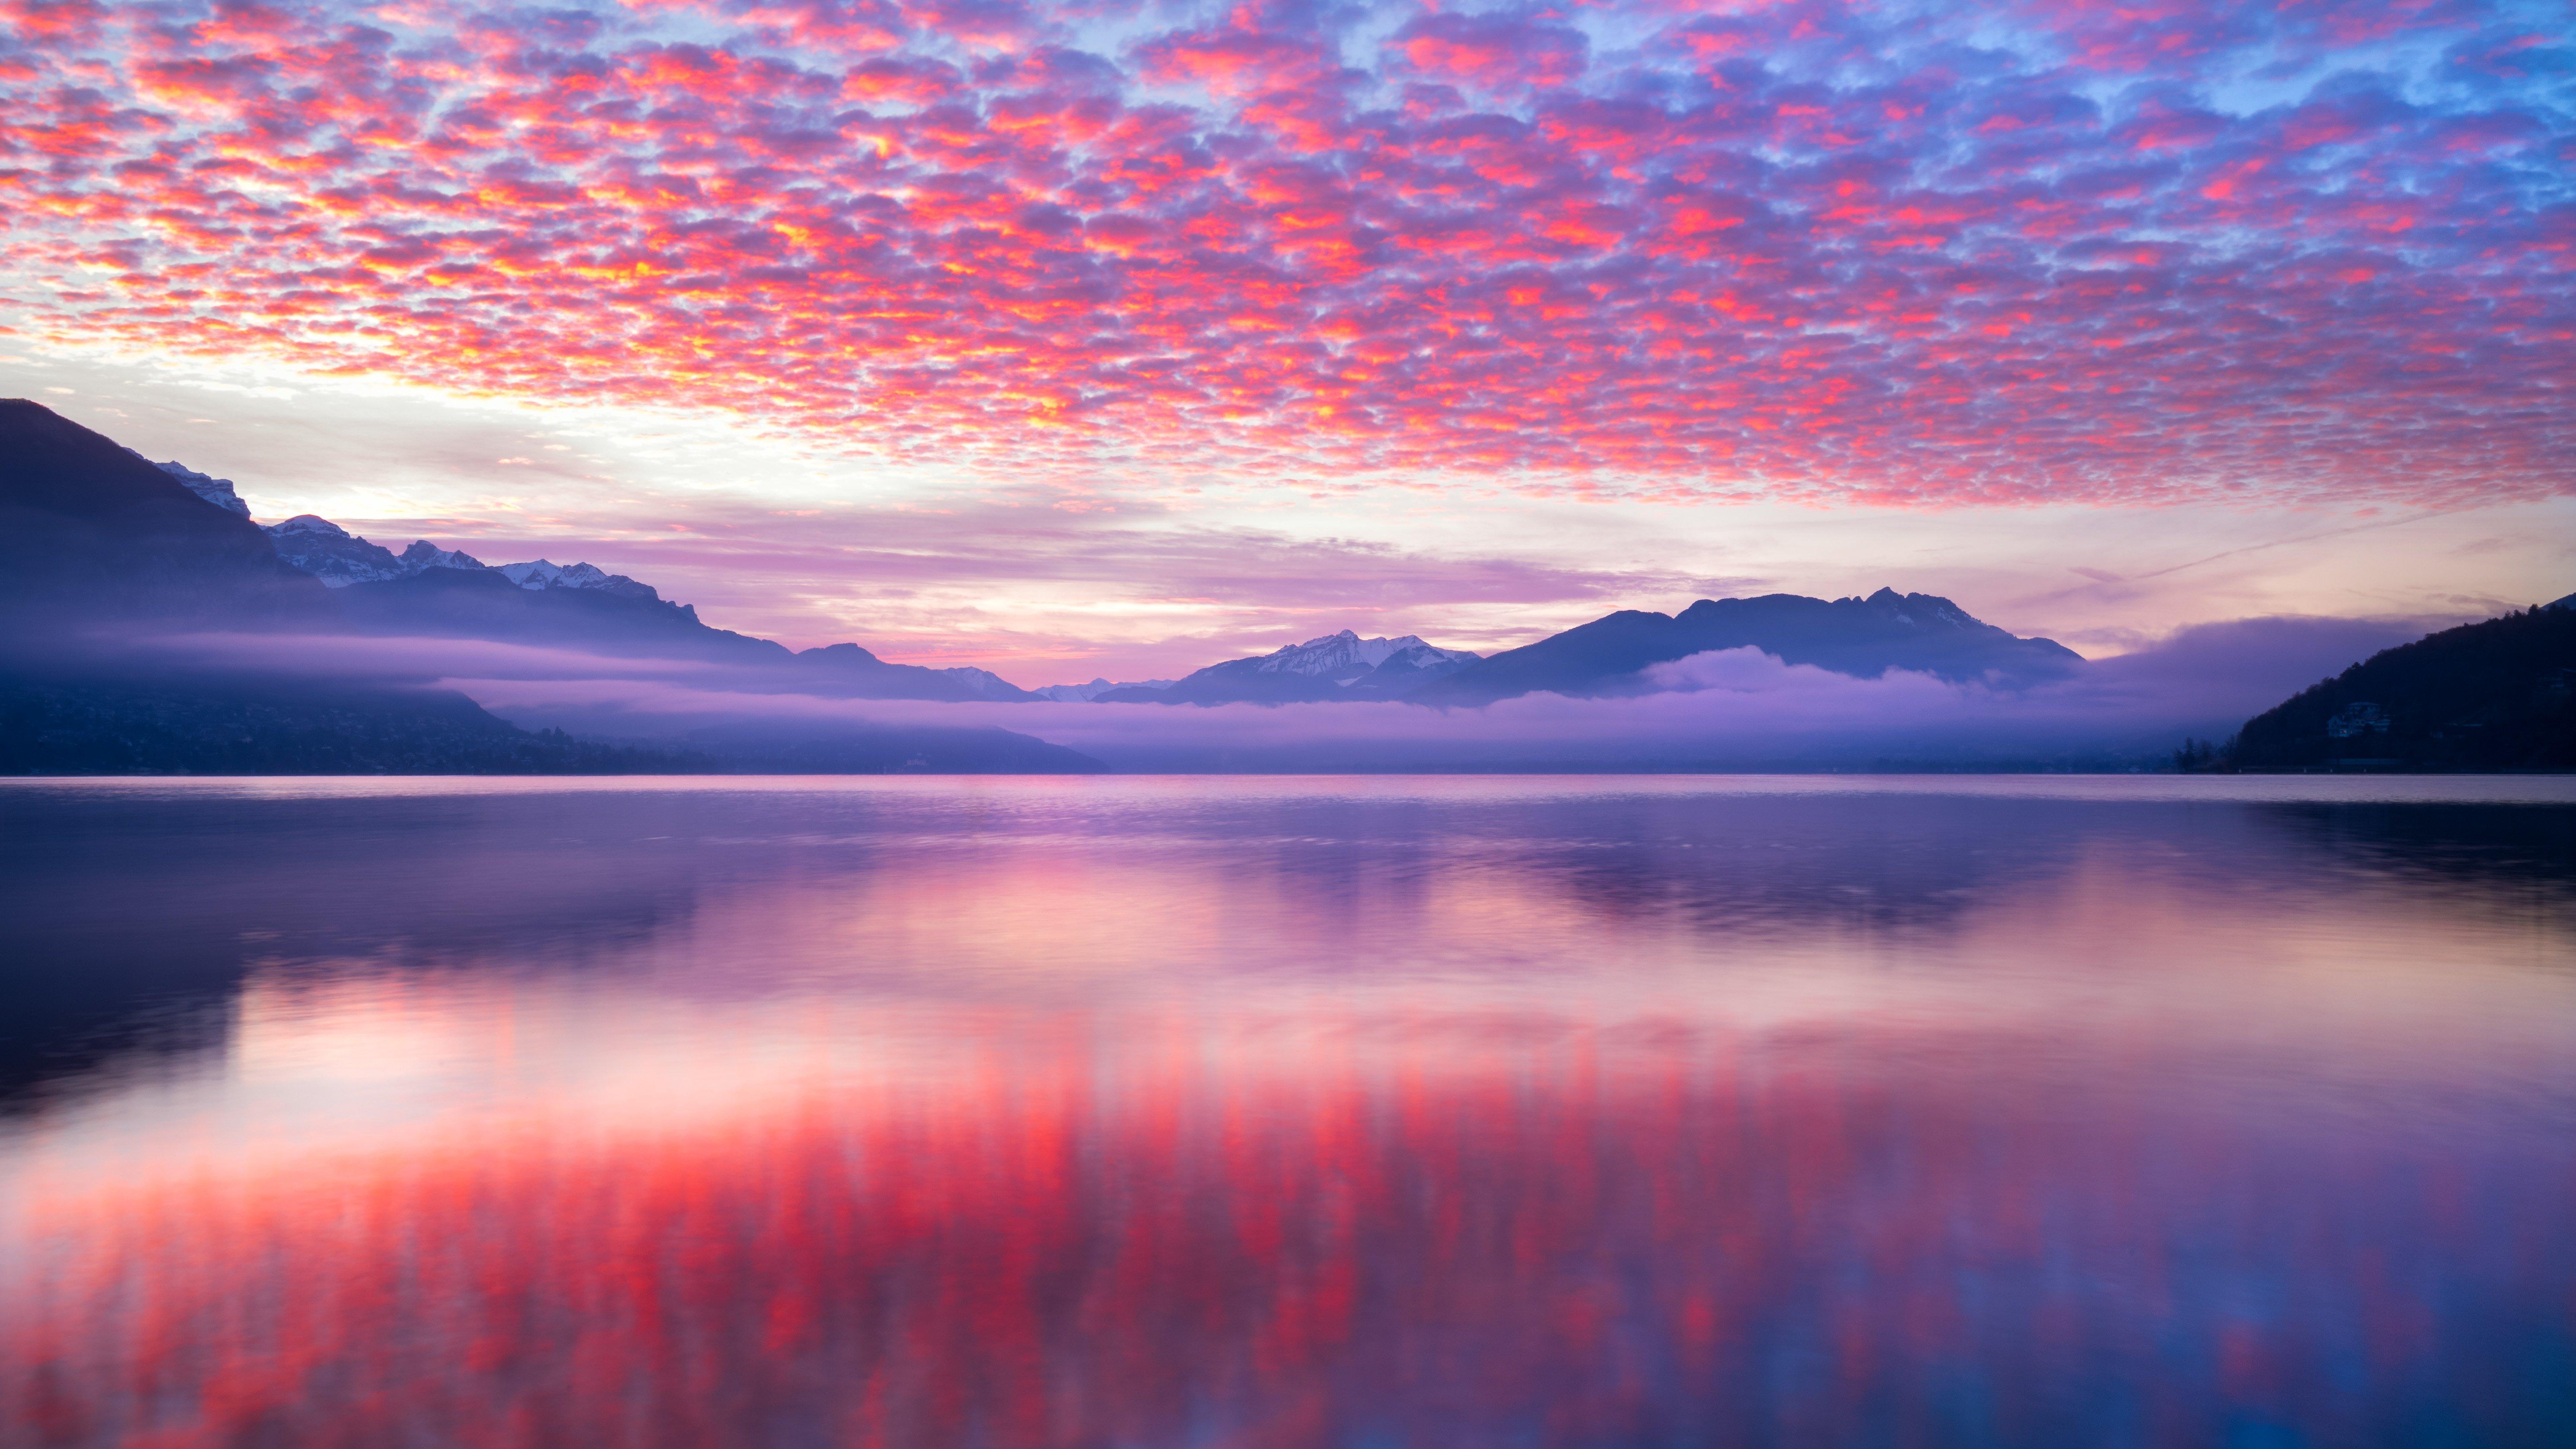 Fondos de pantalla Nubes rosas reflejadas en lago